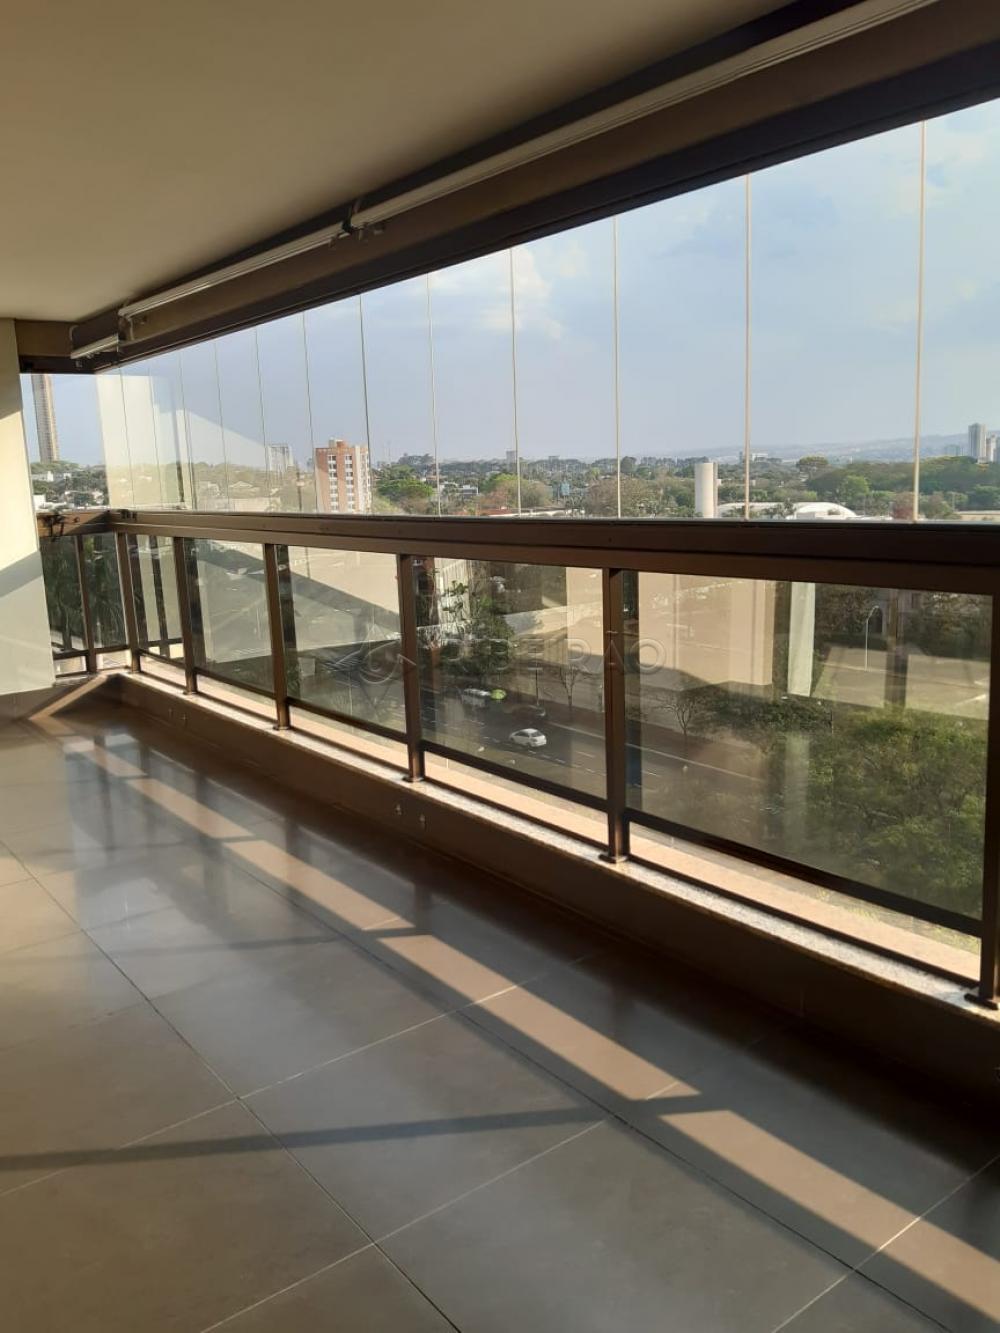 Comprar Apartamento / Padrão em Ribeirão Preto apenas R$ 1.400.000,00 - Foto 4